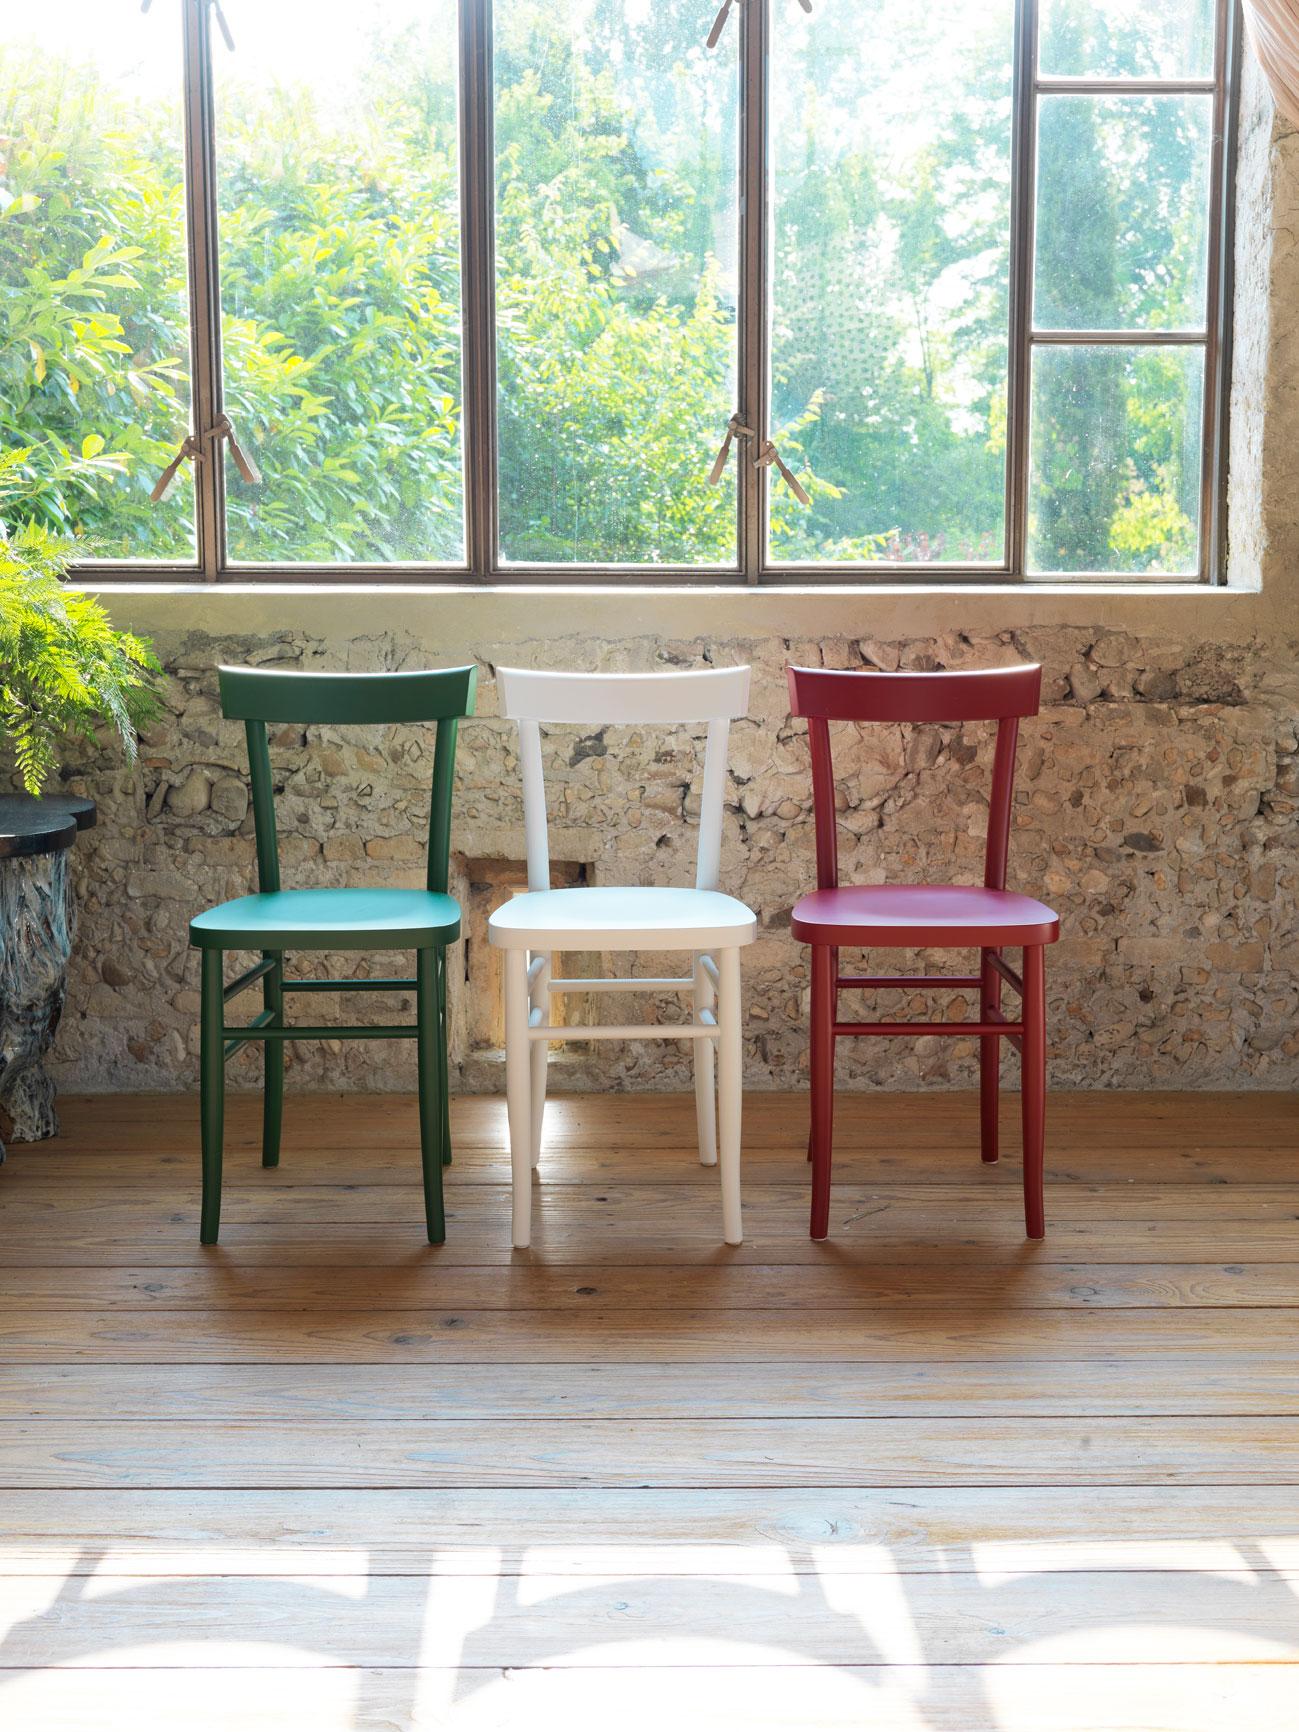 sillas rústicas colores horm mallorca